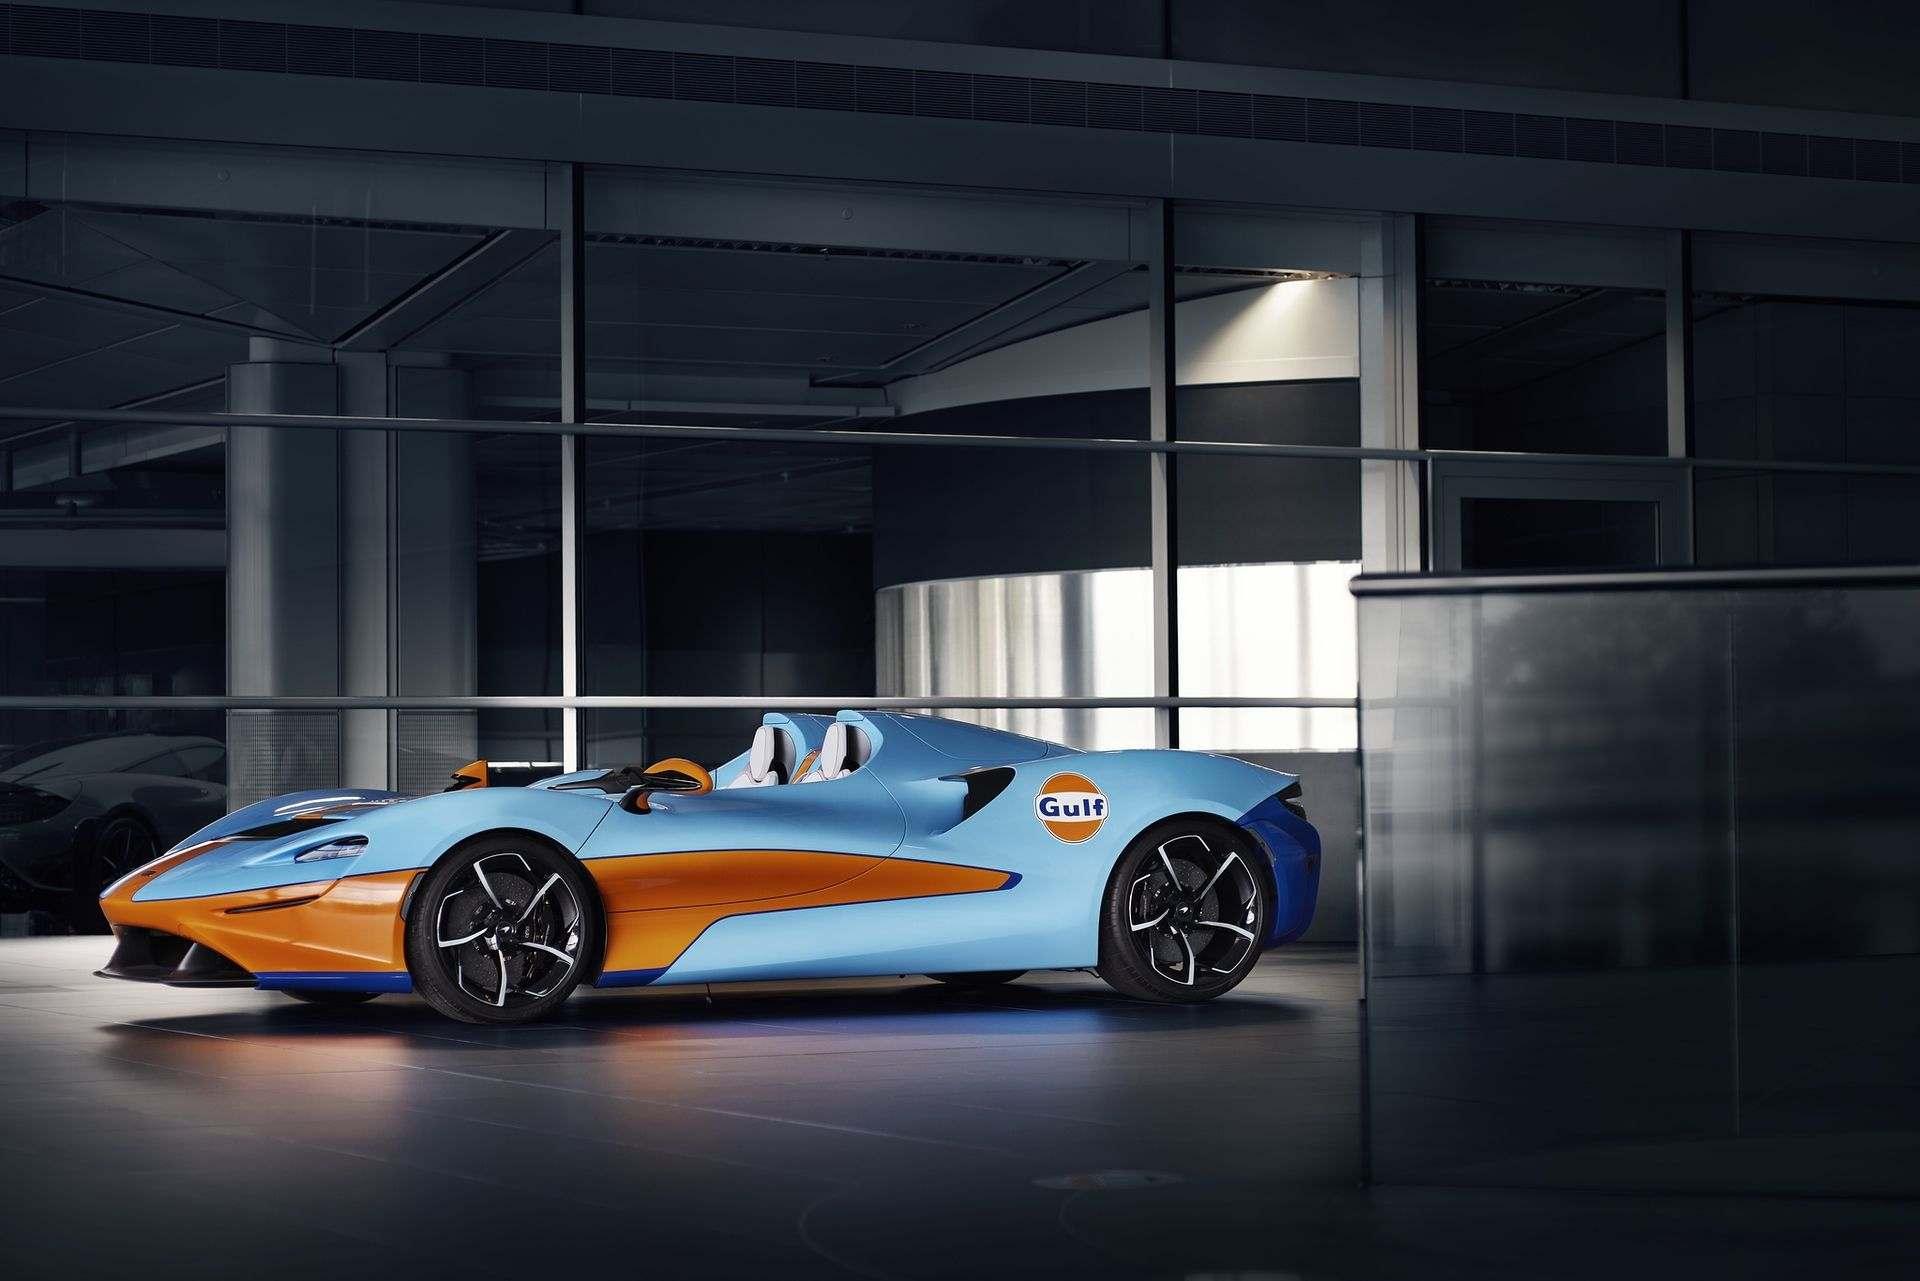 McLaren_Elva_Gulf_by_MSO_0000